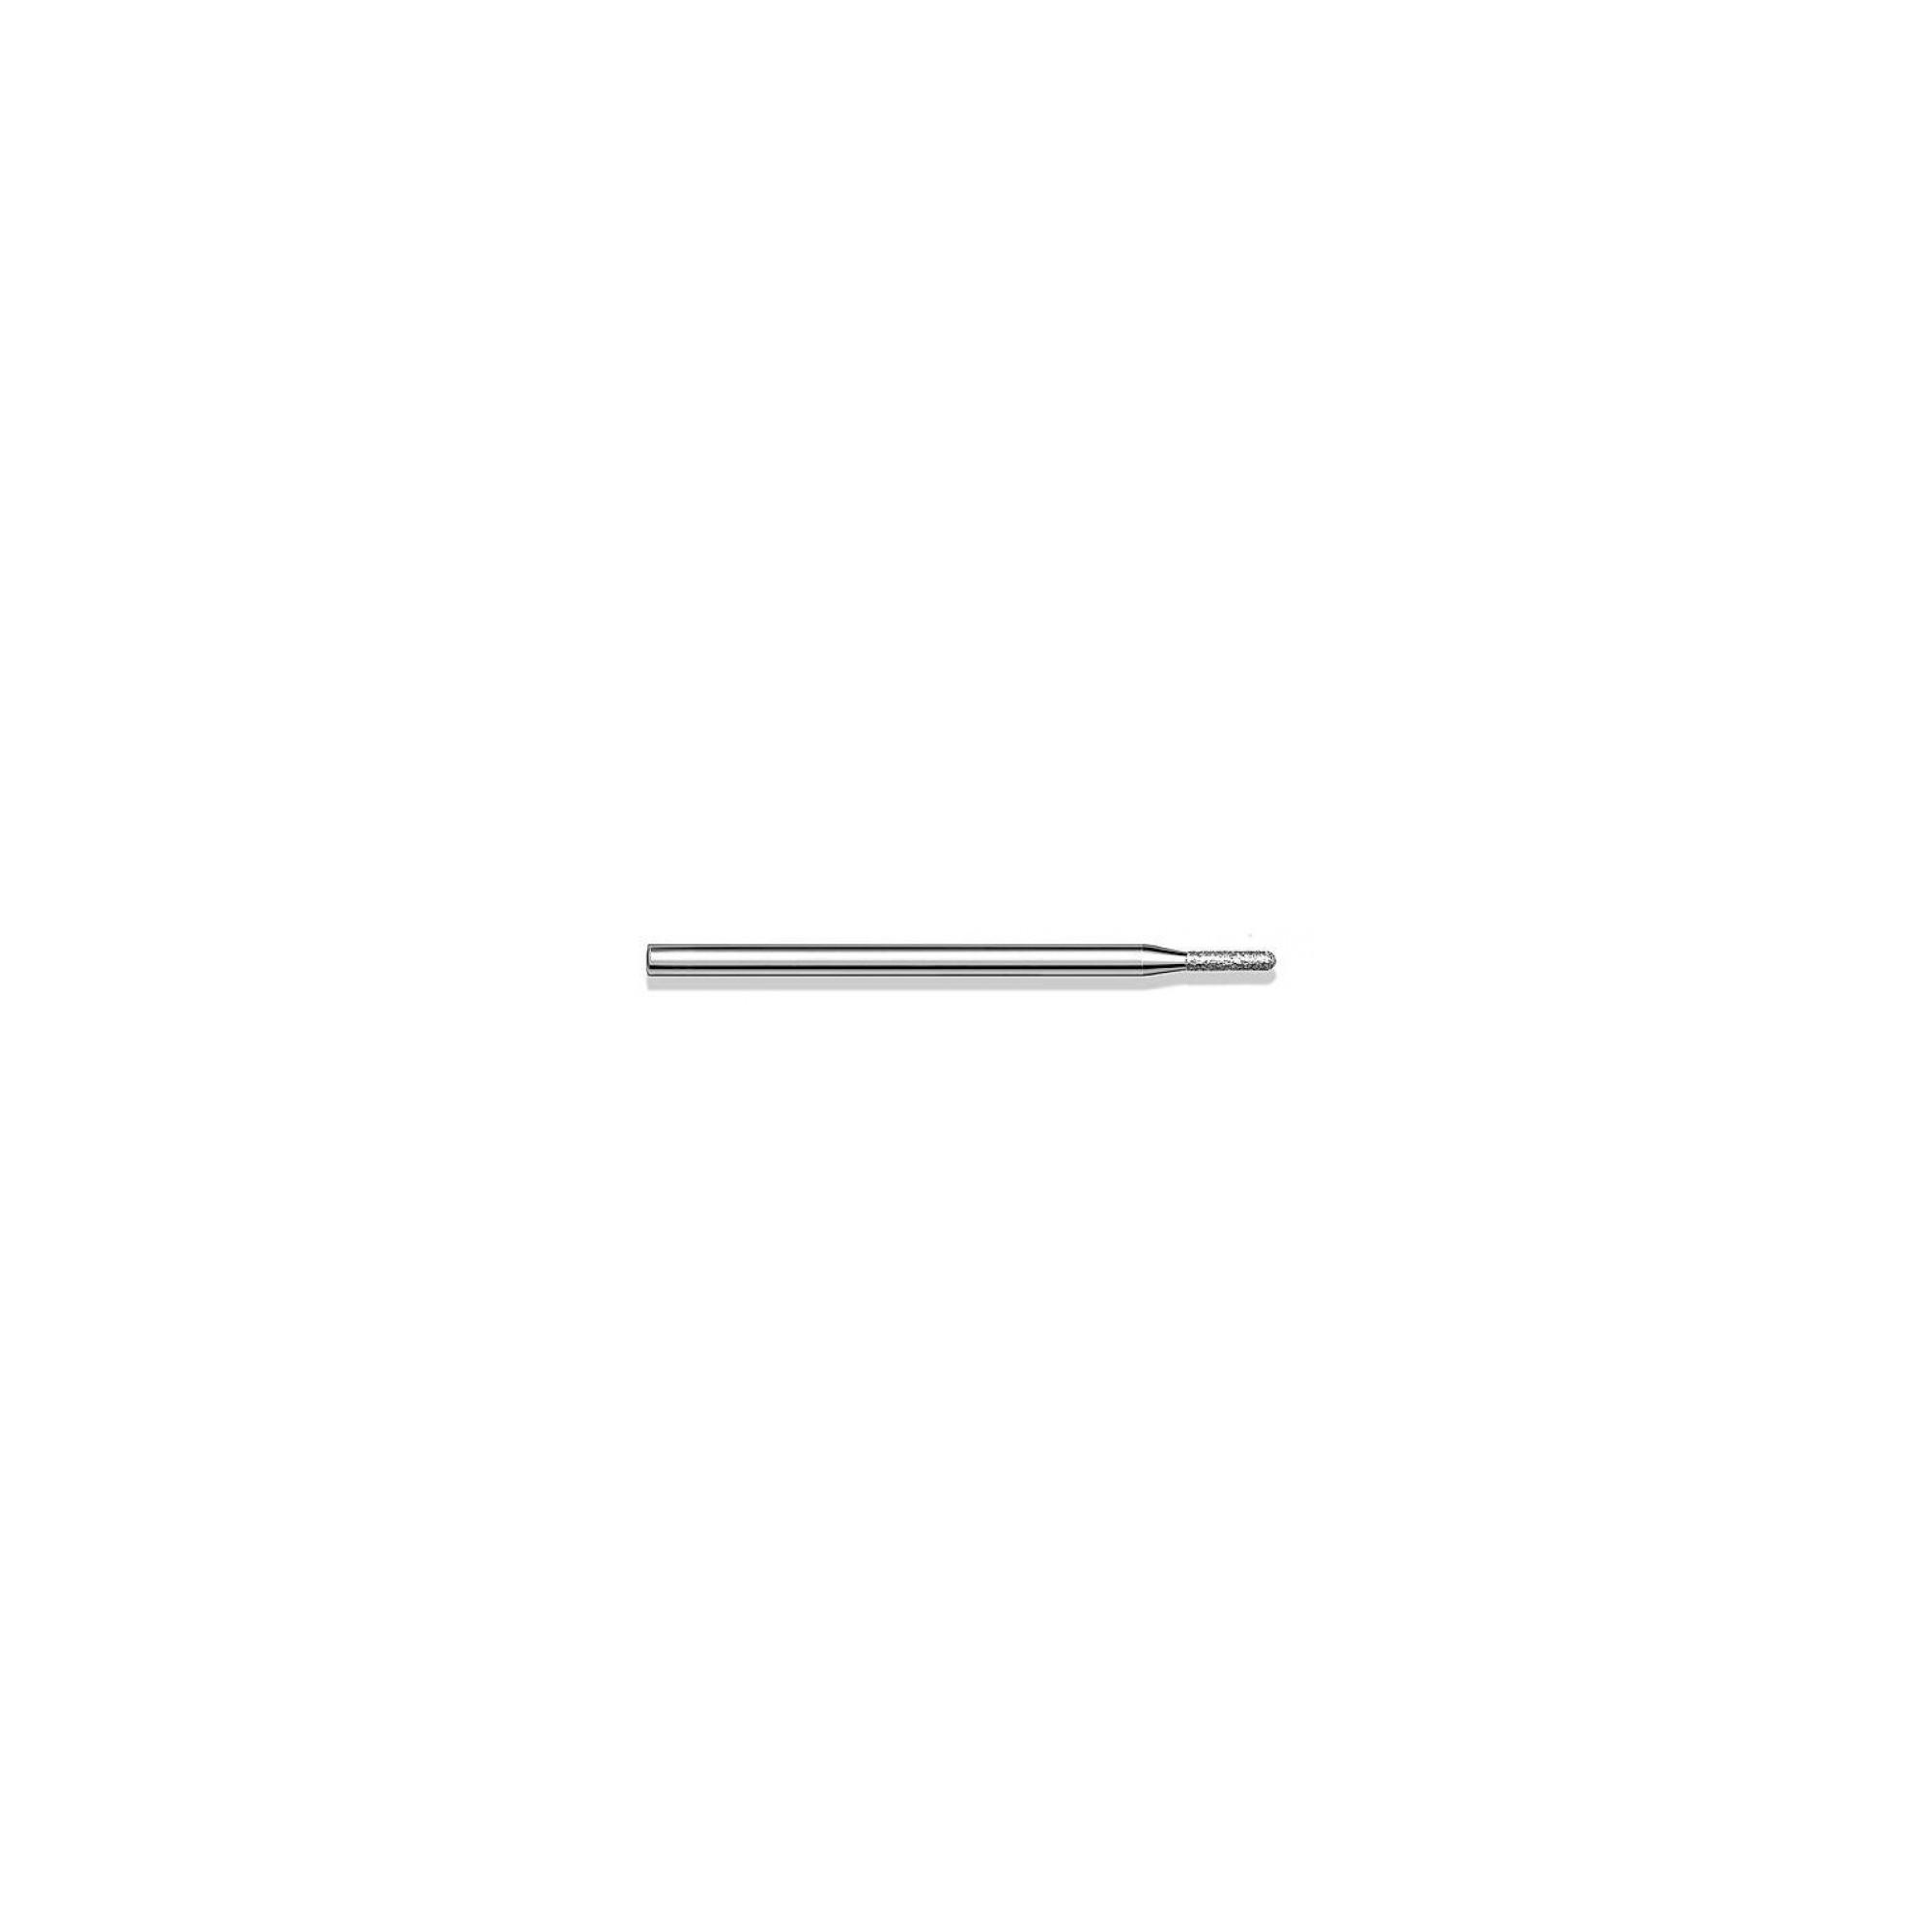 Fraise diamantée standard - Lissage des ongles et des callosités - Grain moyen - Pack de 2 fraises - ø1,4mm